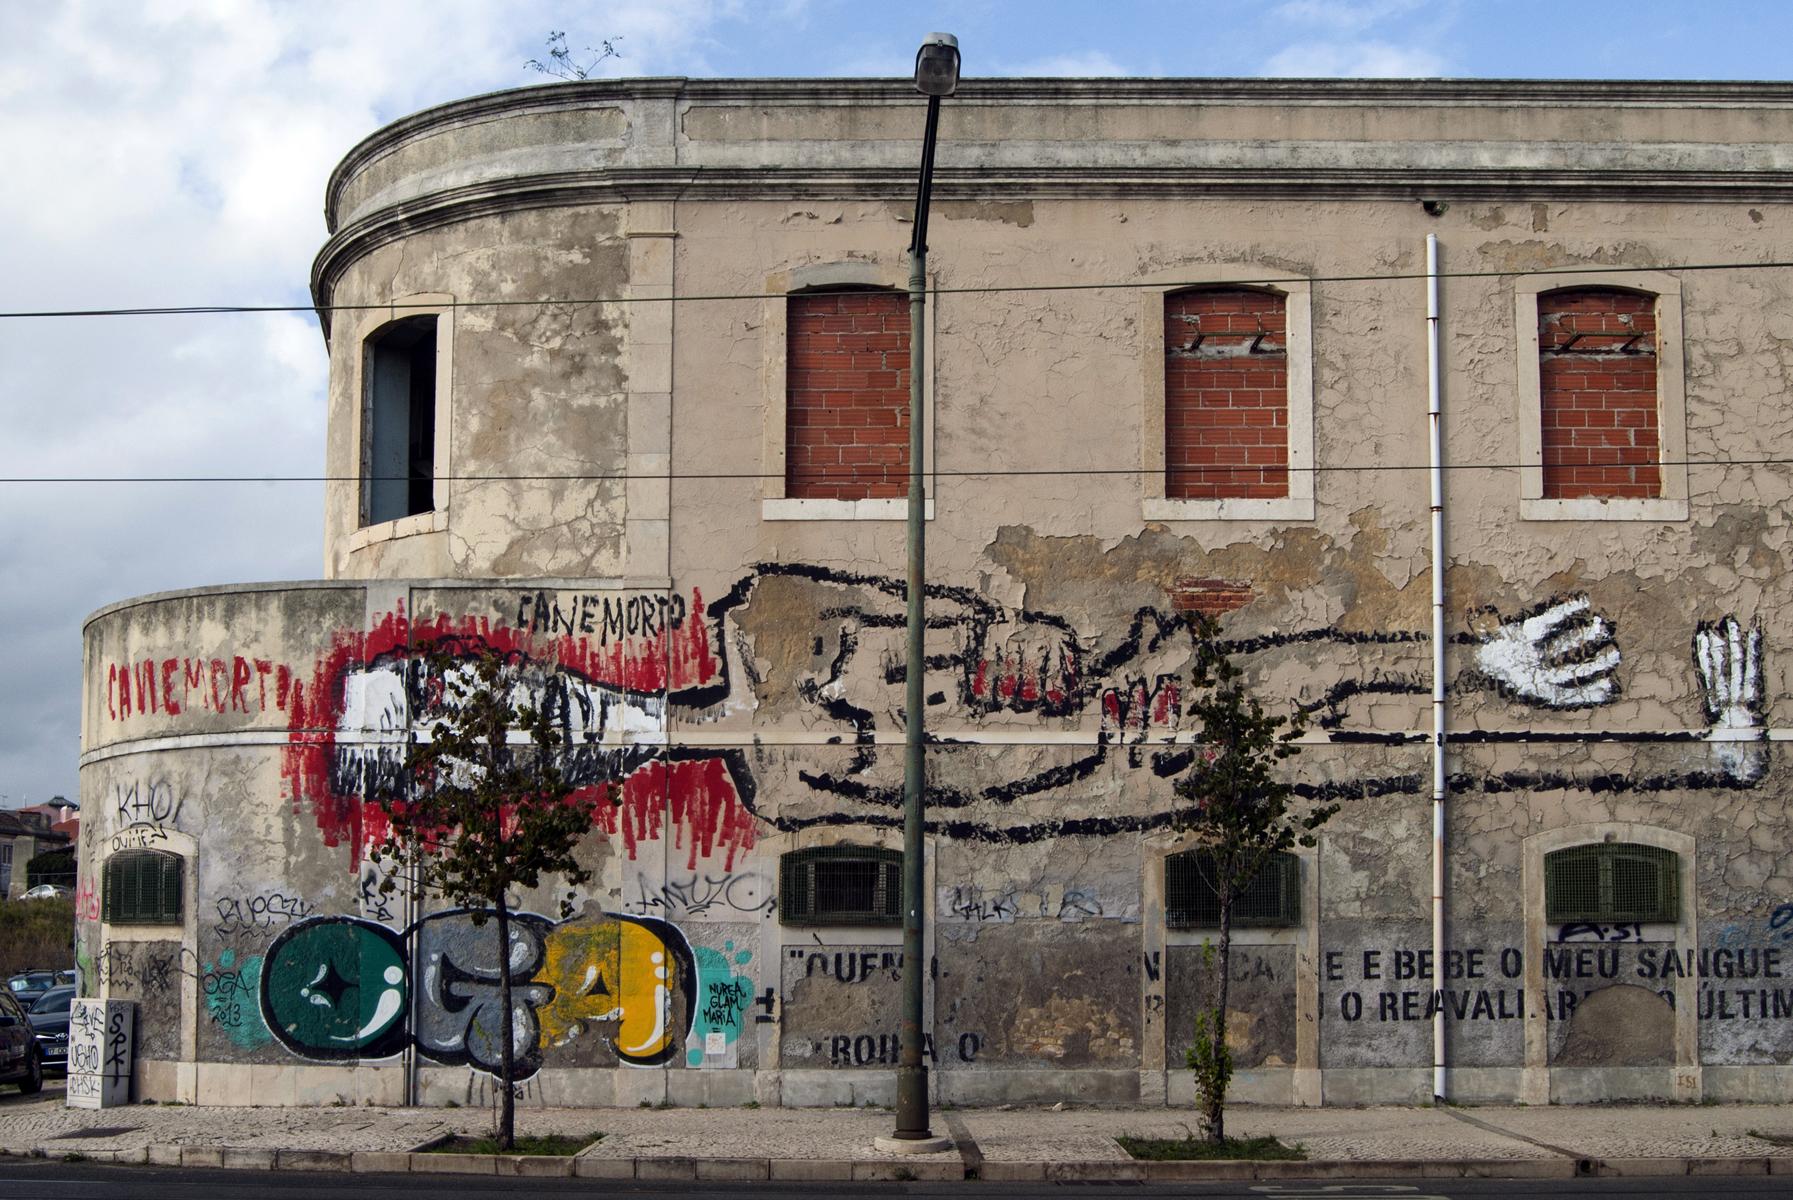 canemorto-a-series-of-murals-in-lisboa-37